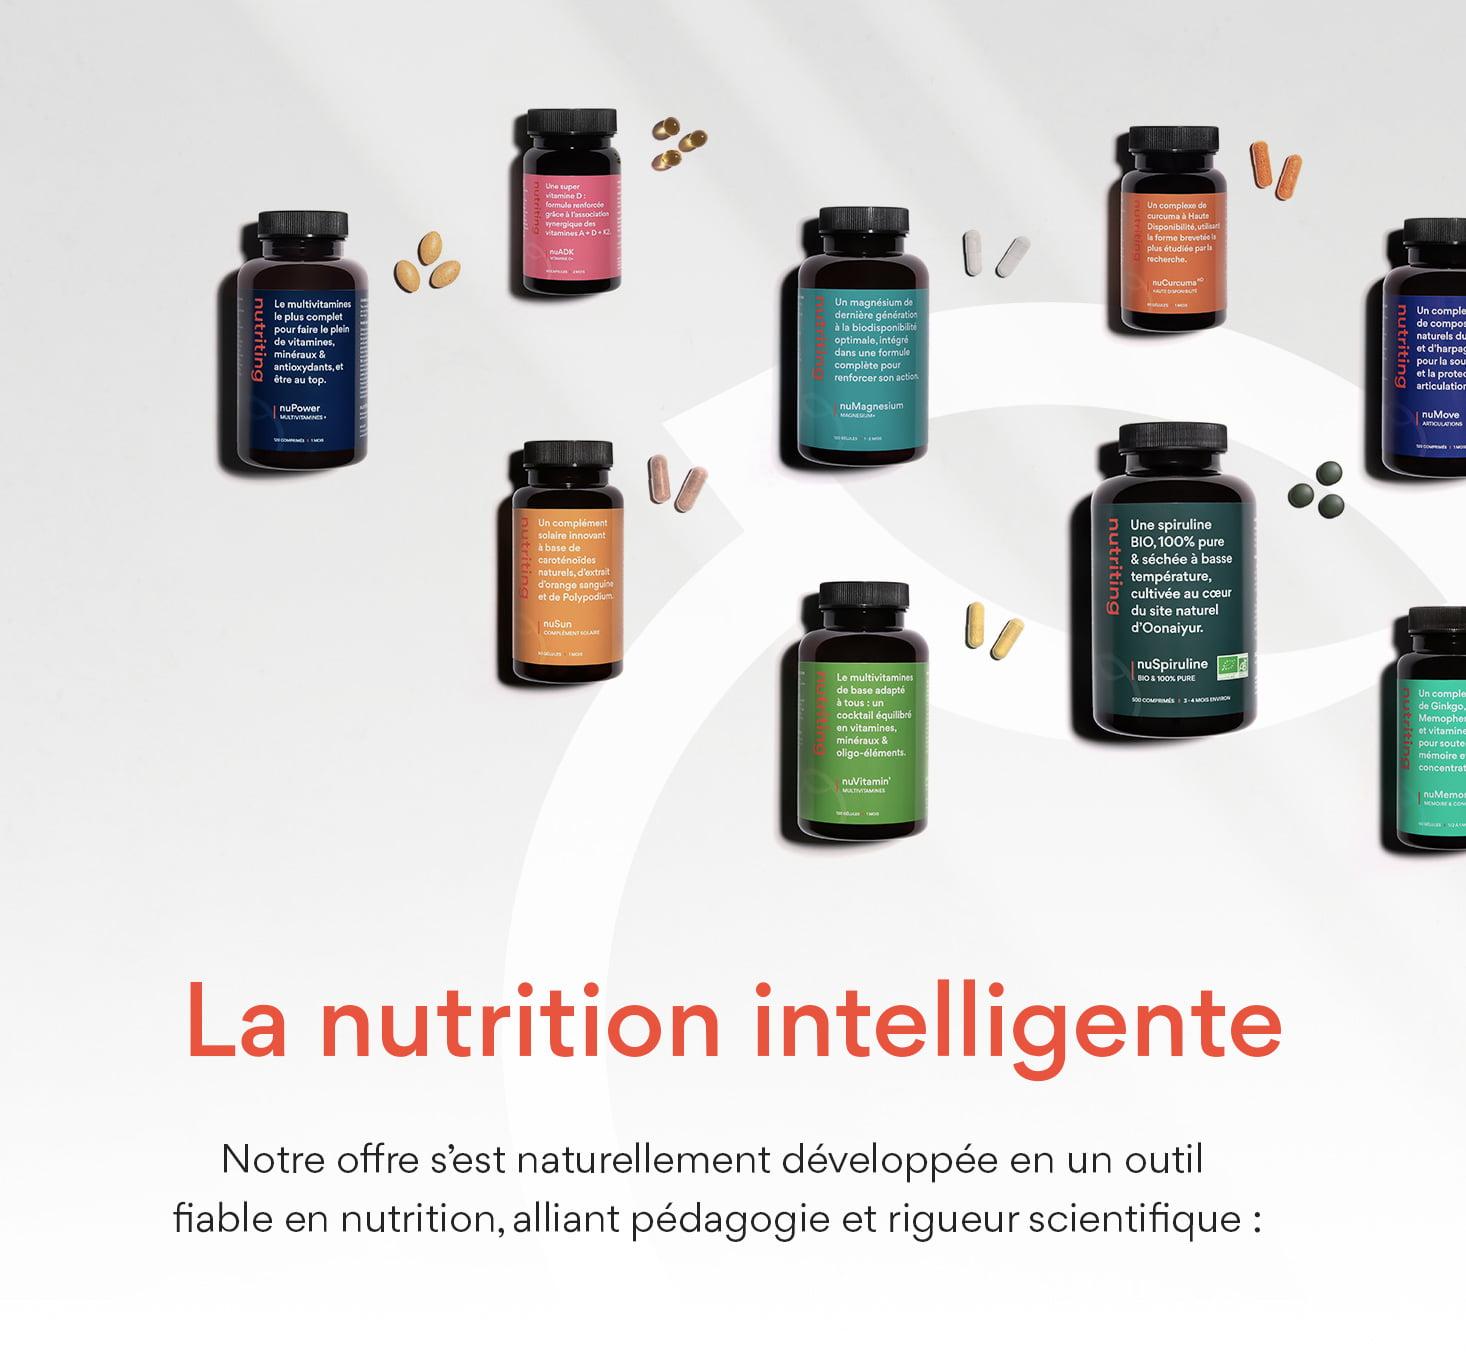 La nutrition intelligente